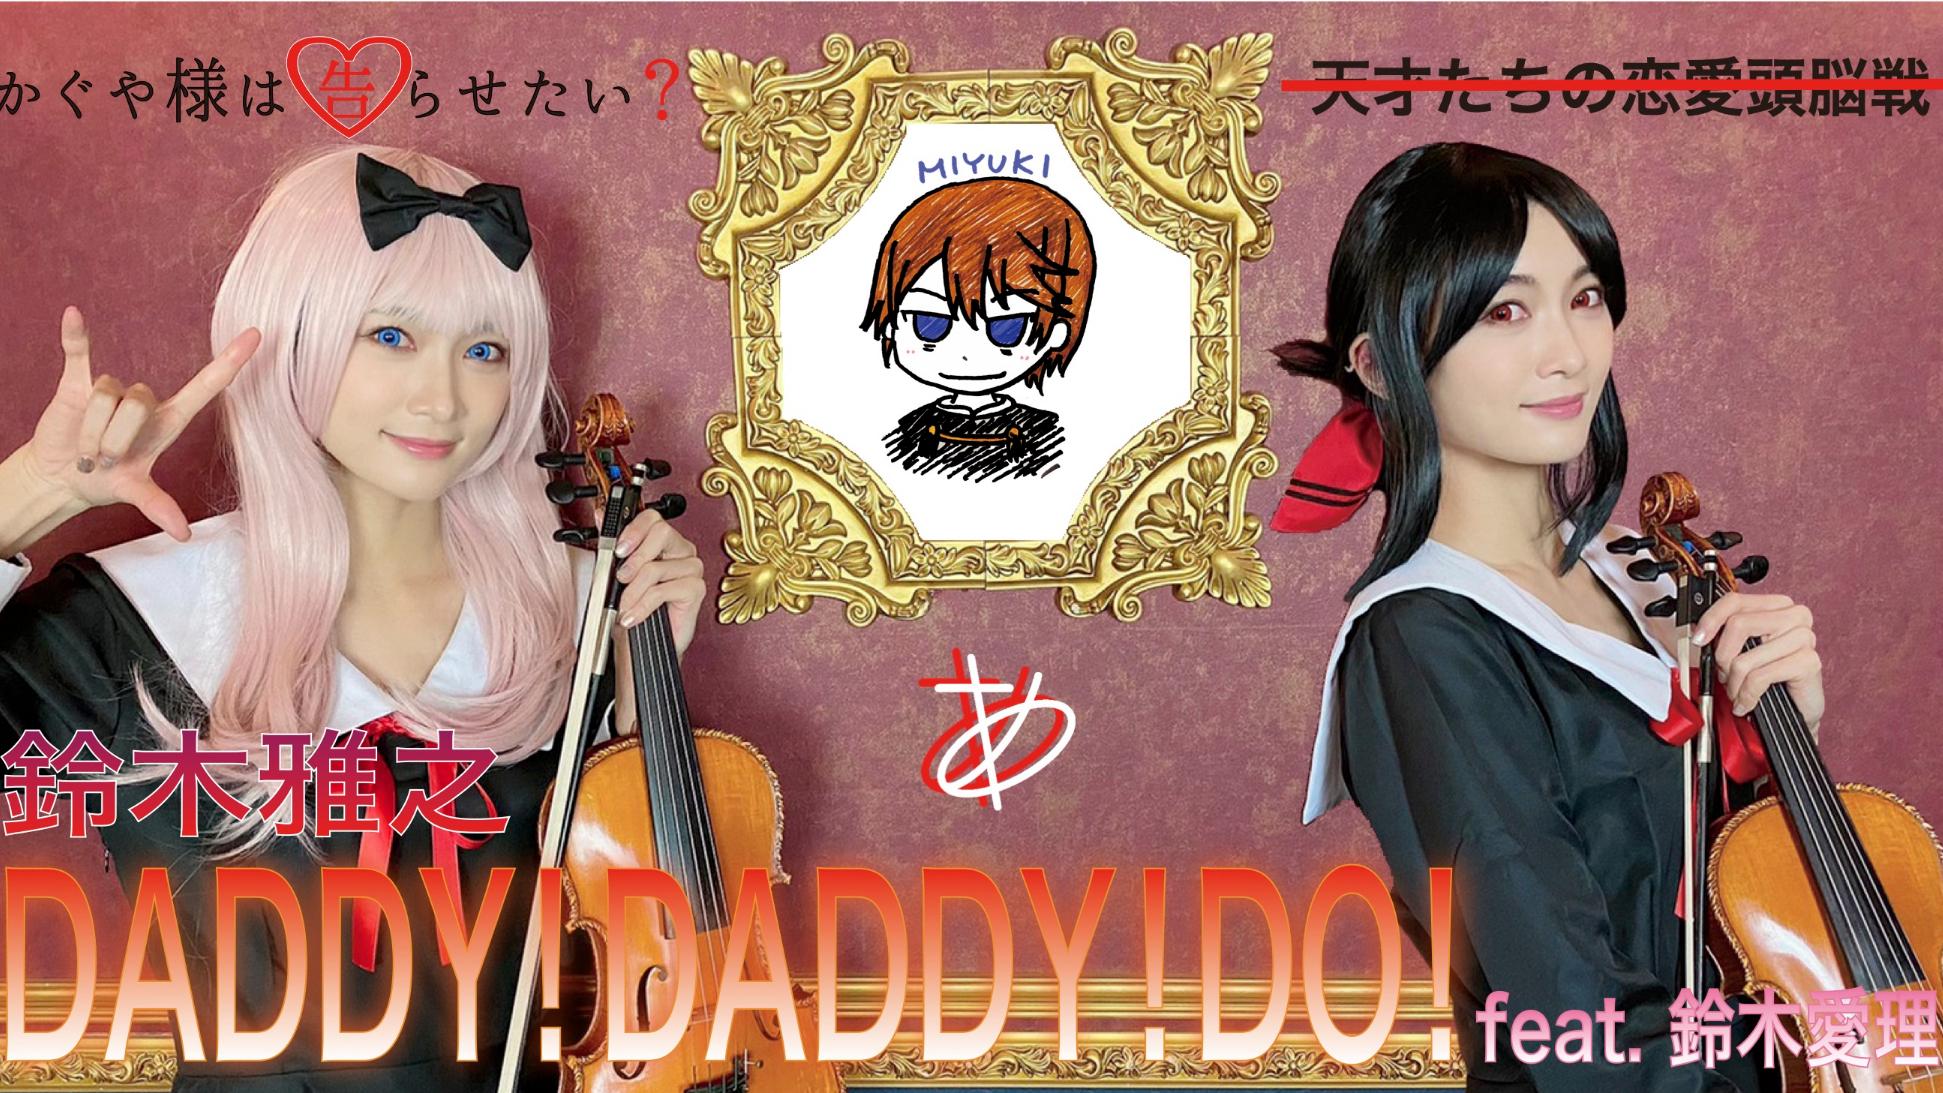 【Ayasa】《辉夜大小姐想让我告白 第二季》OP《DADDY!DADDY!DO!》